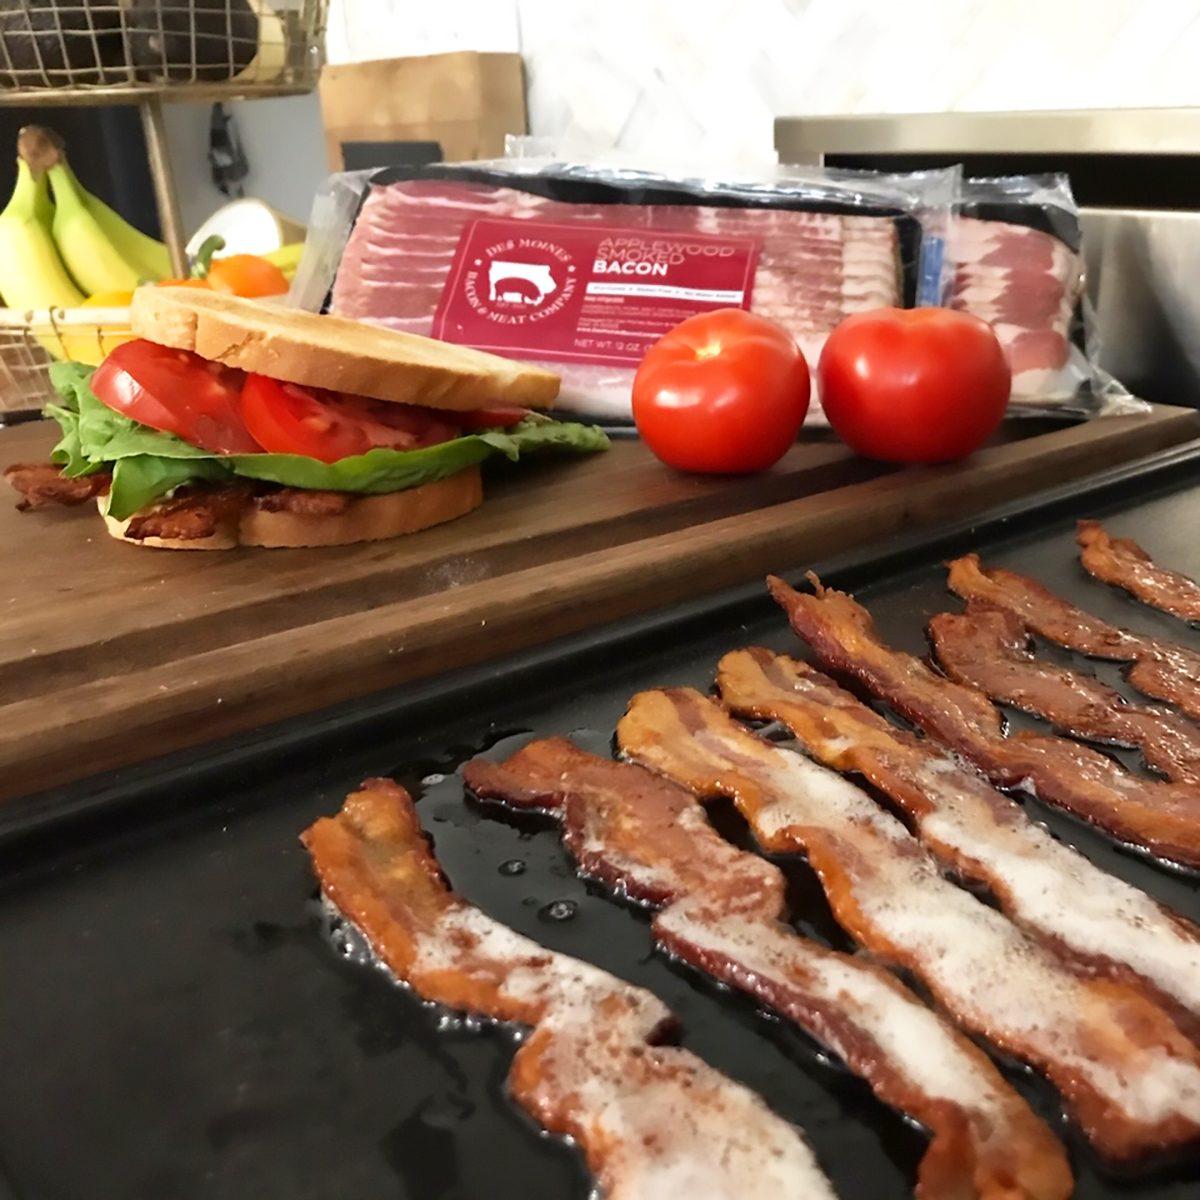 Best Bacon of Iowa